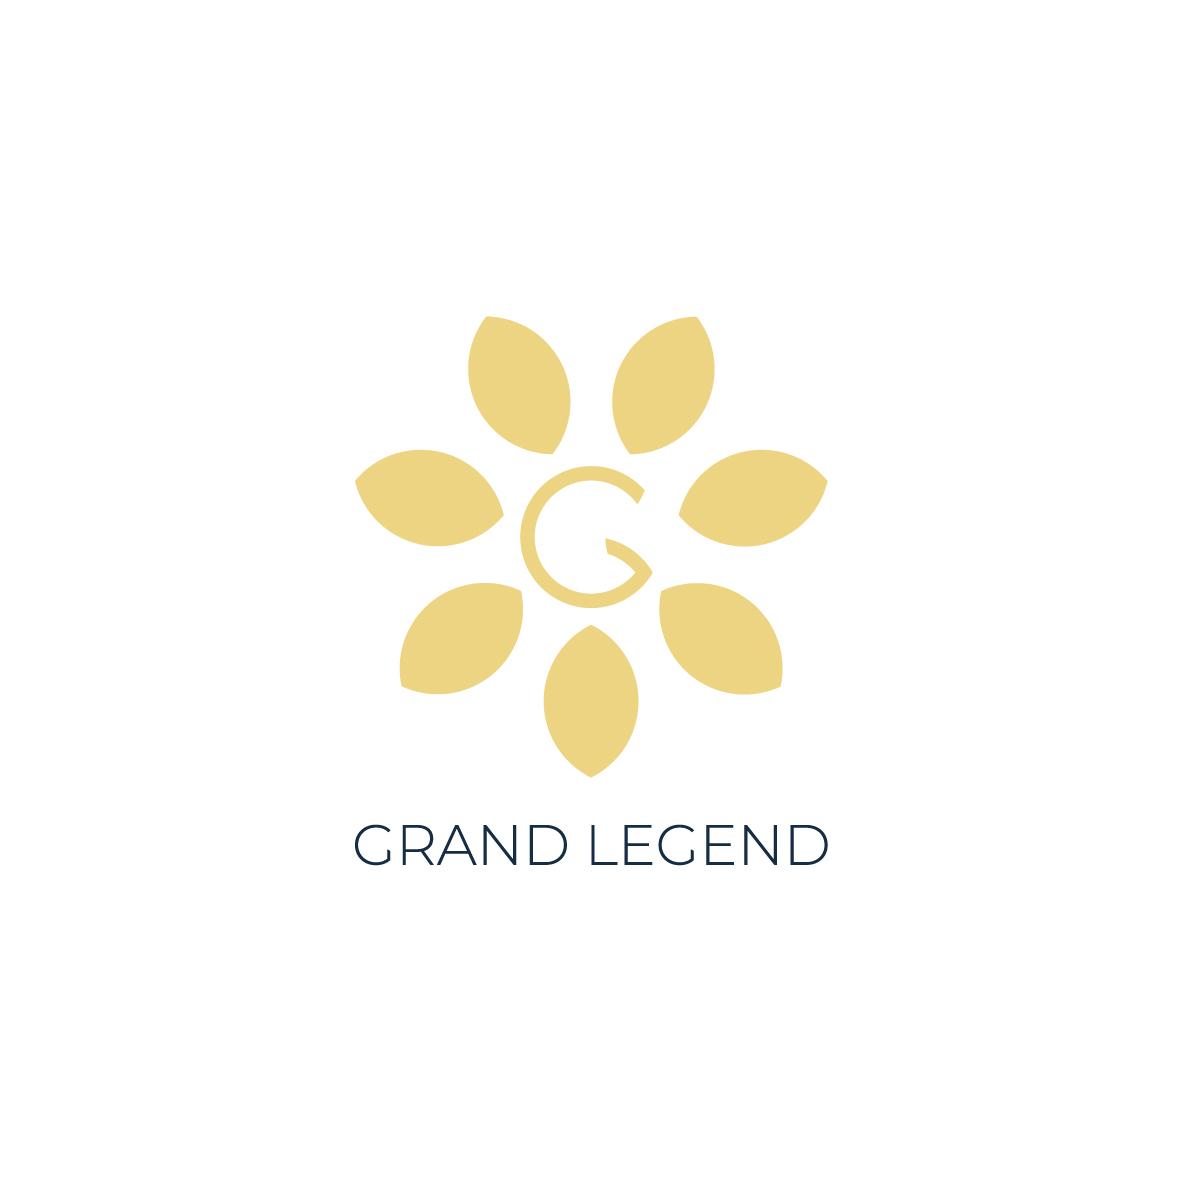 GRAND LEGEND 家居品牌设计